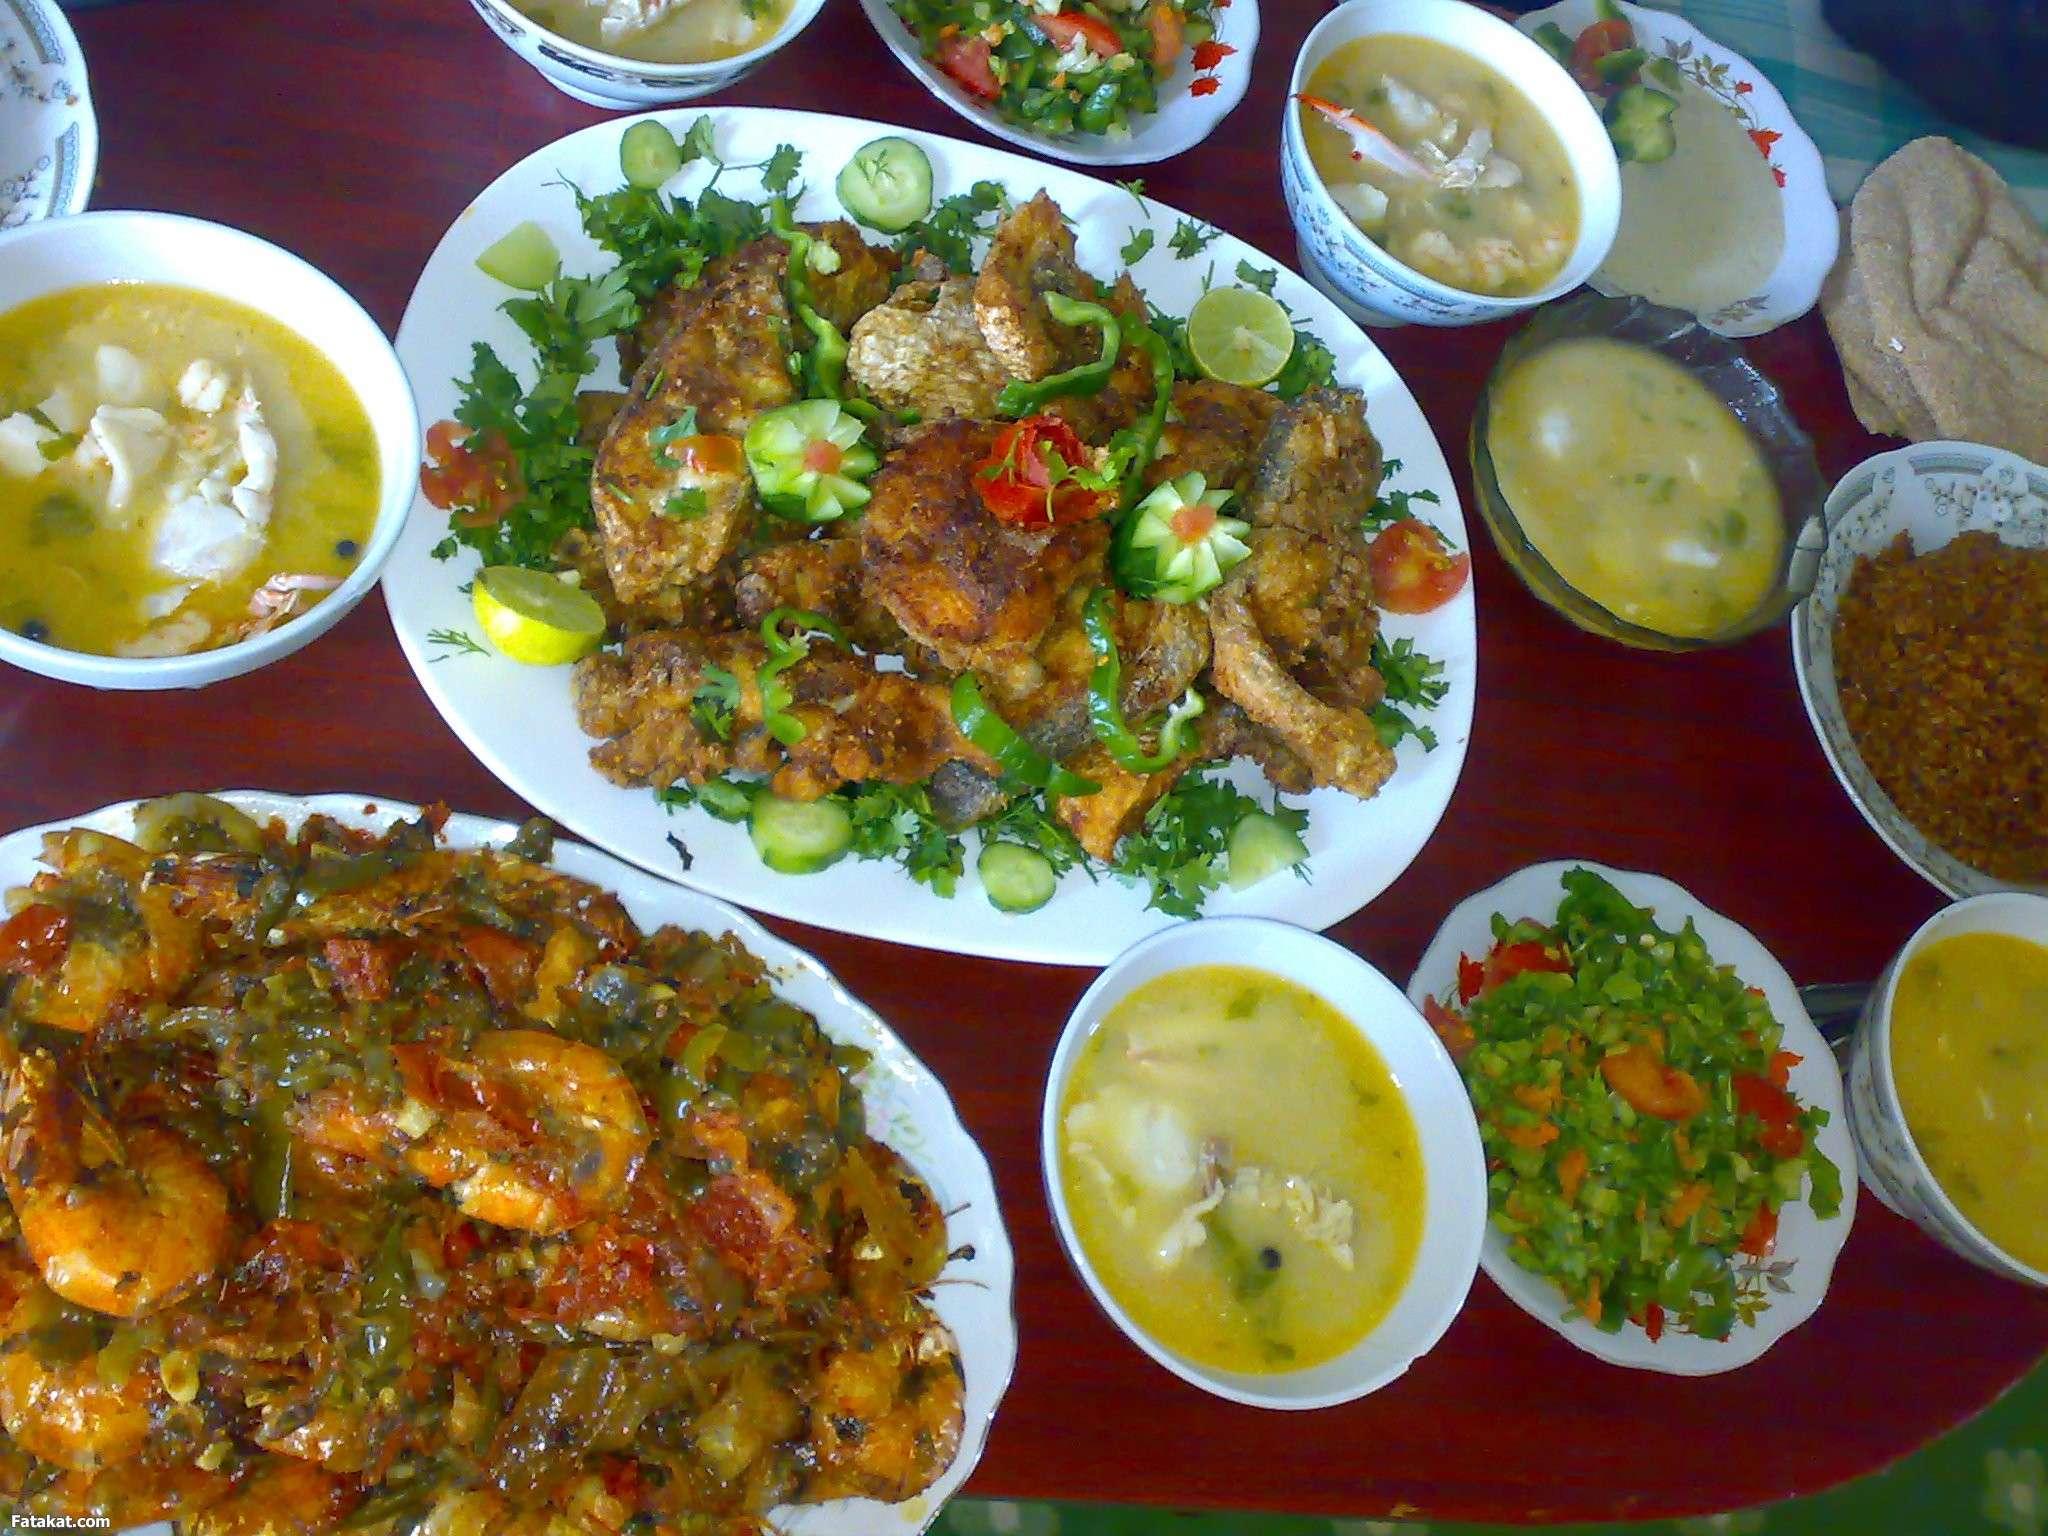 أفضل 6 مطاعم في القاهرة الموصي بها 2018